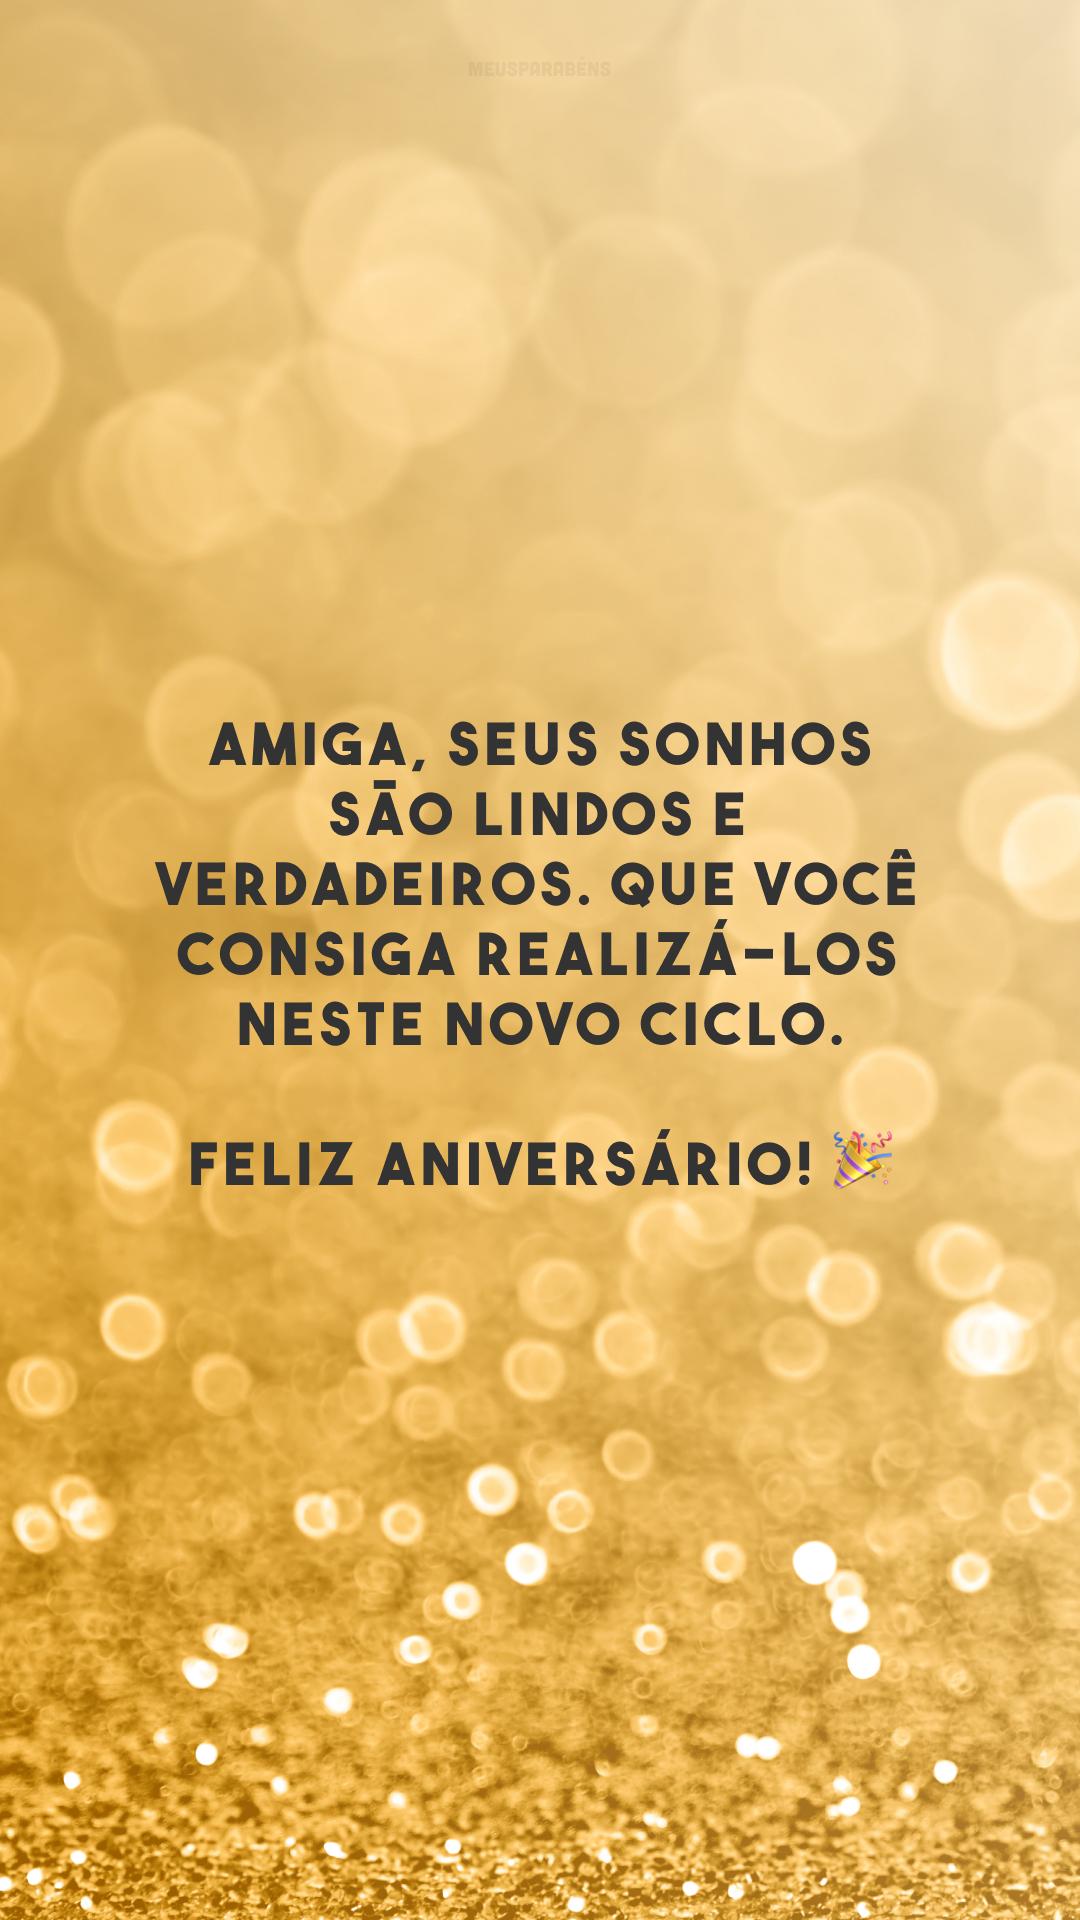 Amiga, seus sonhos são lindos e verdadeiros. Que você consiga realizá-los neste novo ciclo. Feliz aniversário! 🎉